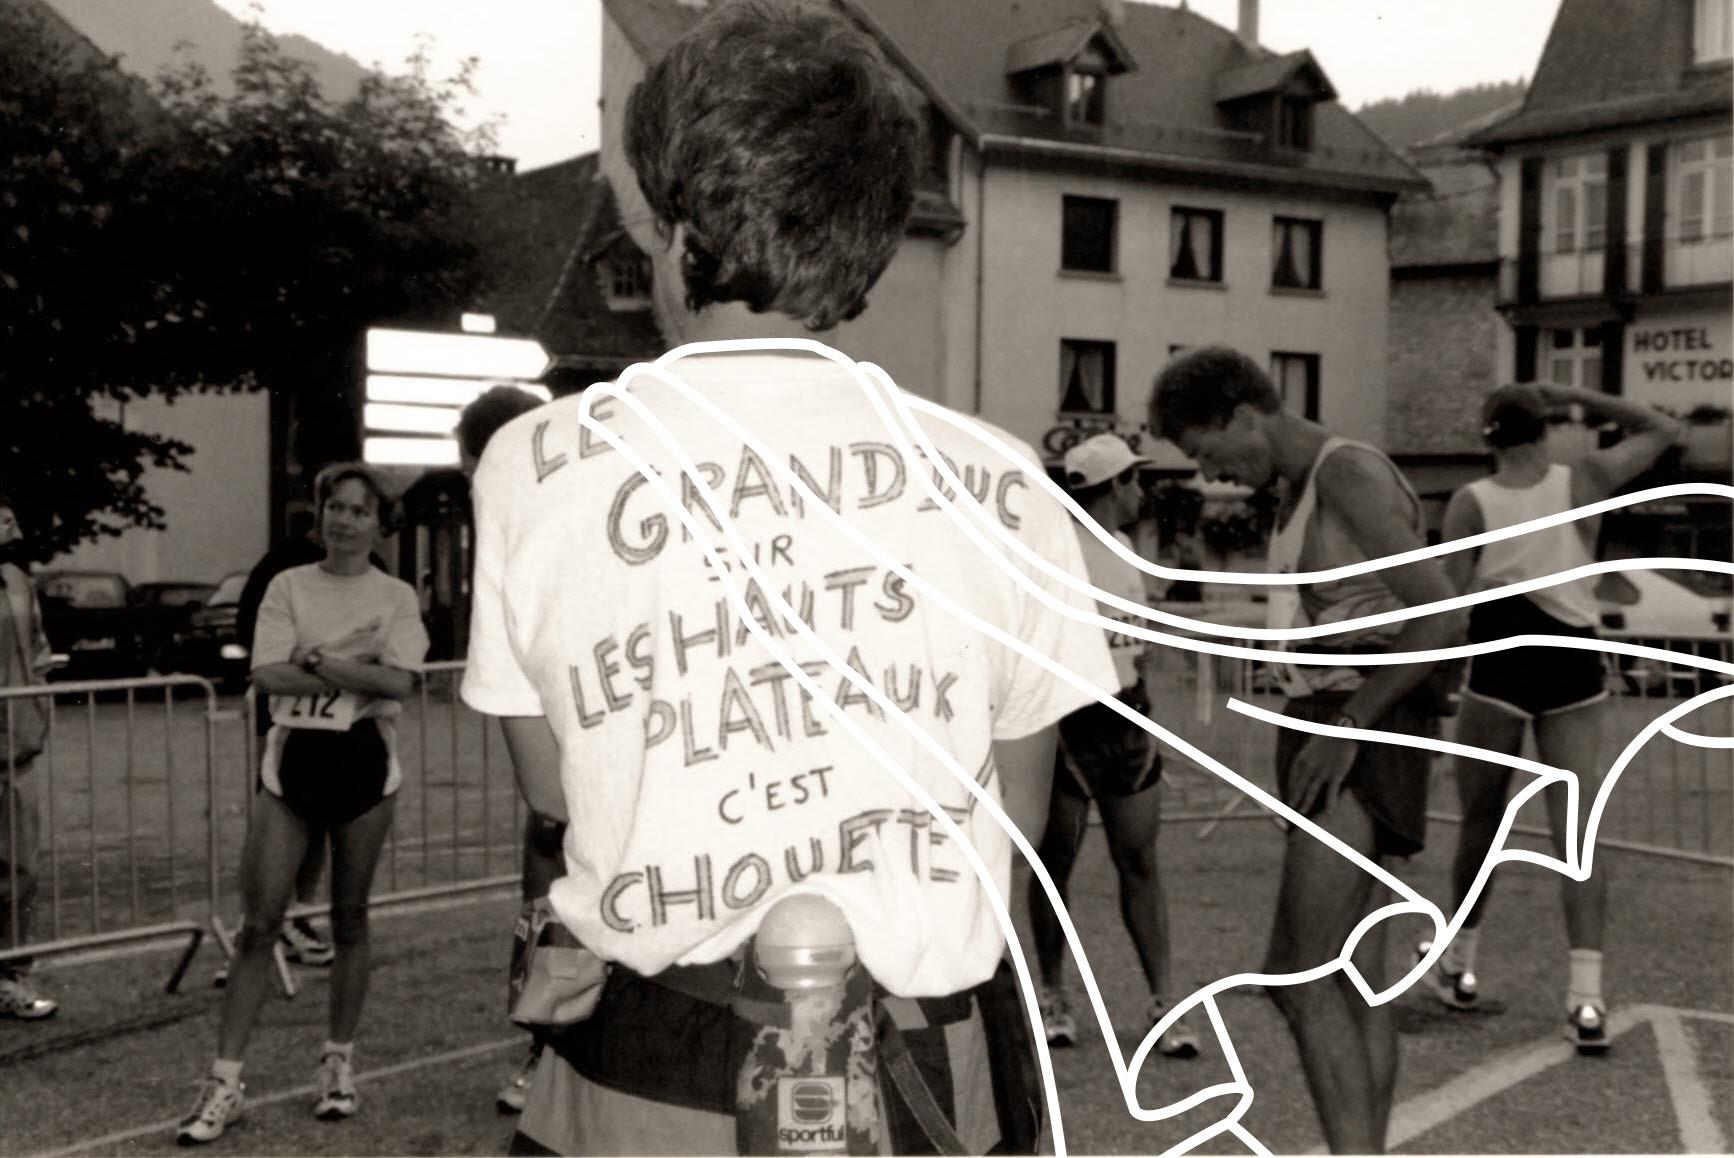 Archive bénévole Grand Duc